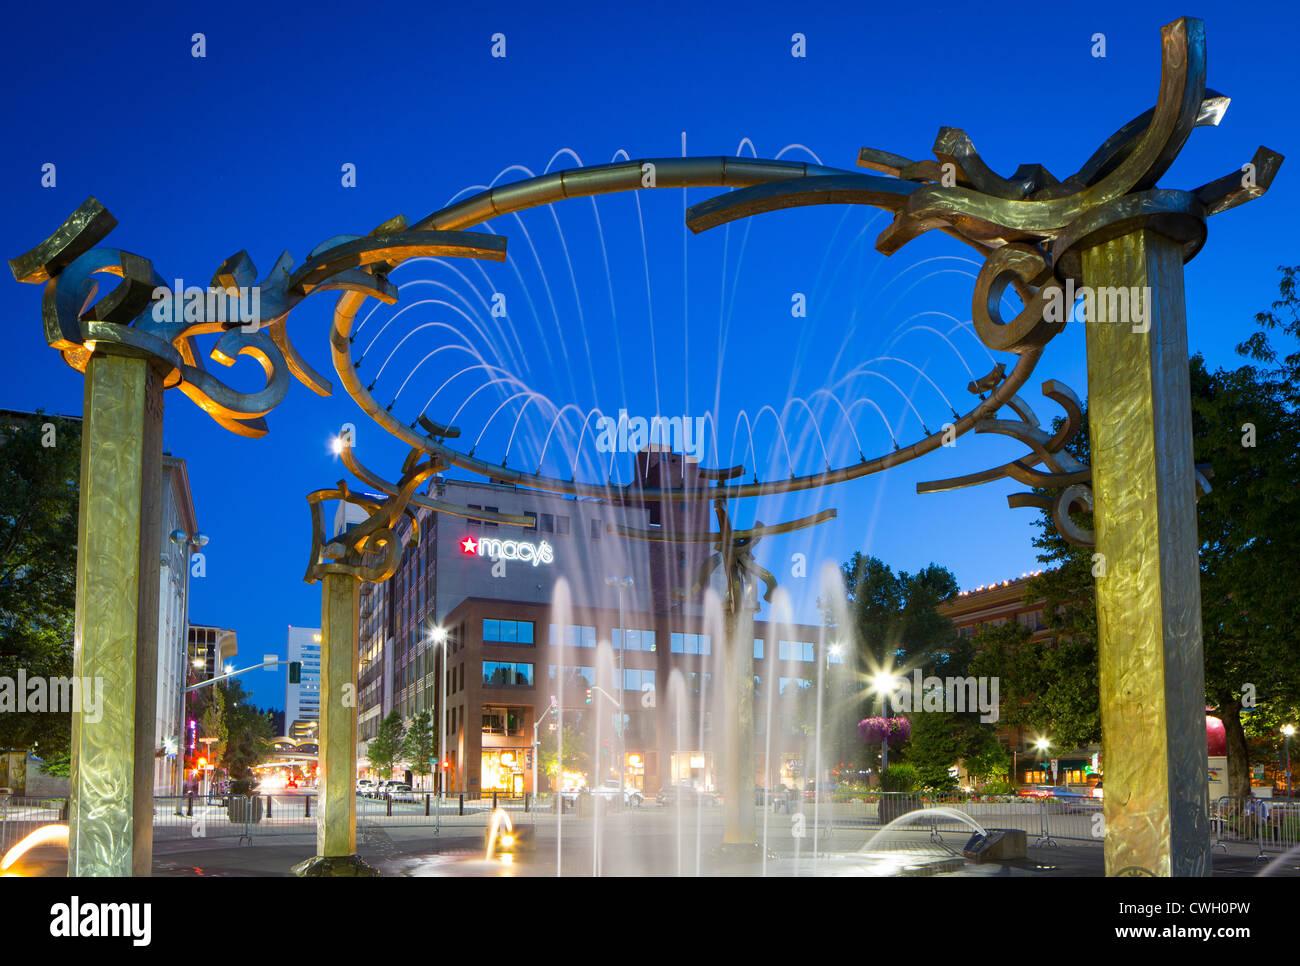 Fountain in Riverfront Park on the Spokane River in Spokane, Washington - Stock Image